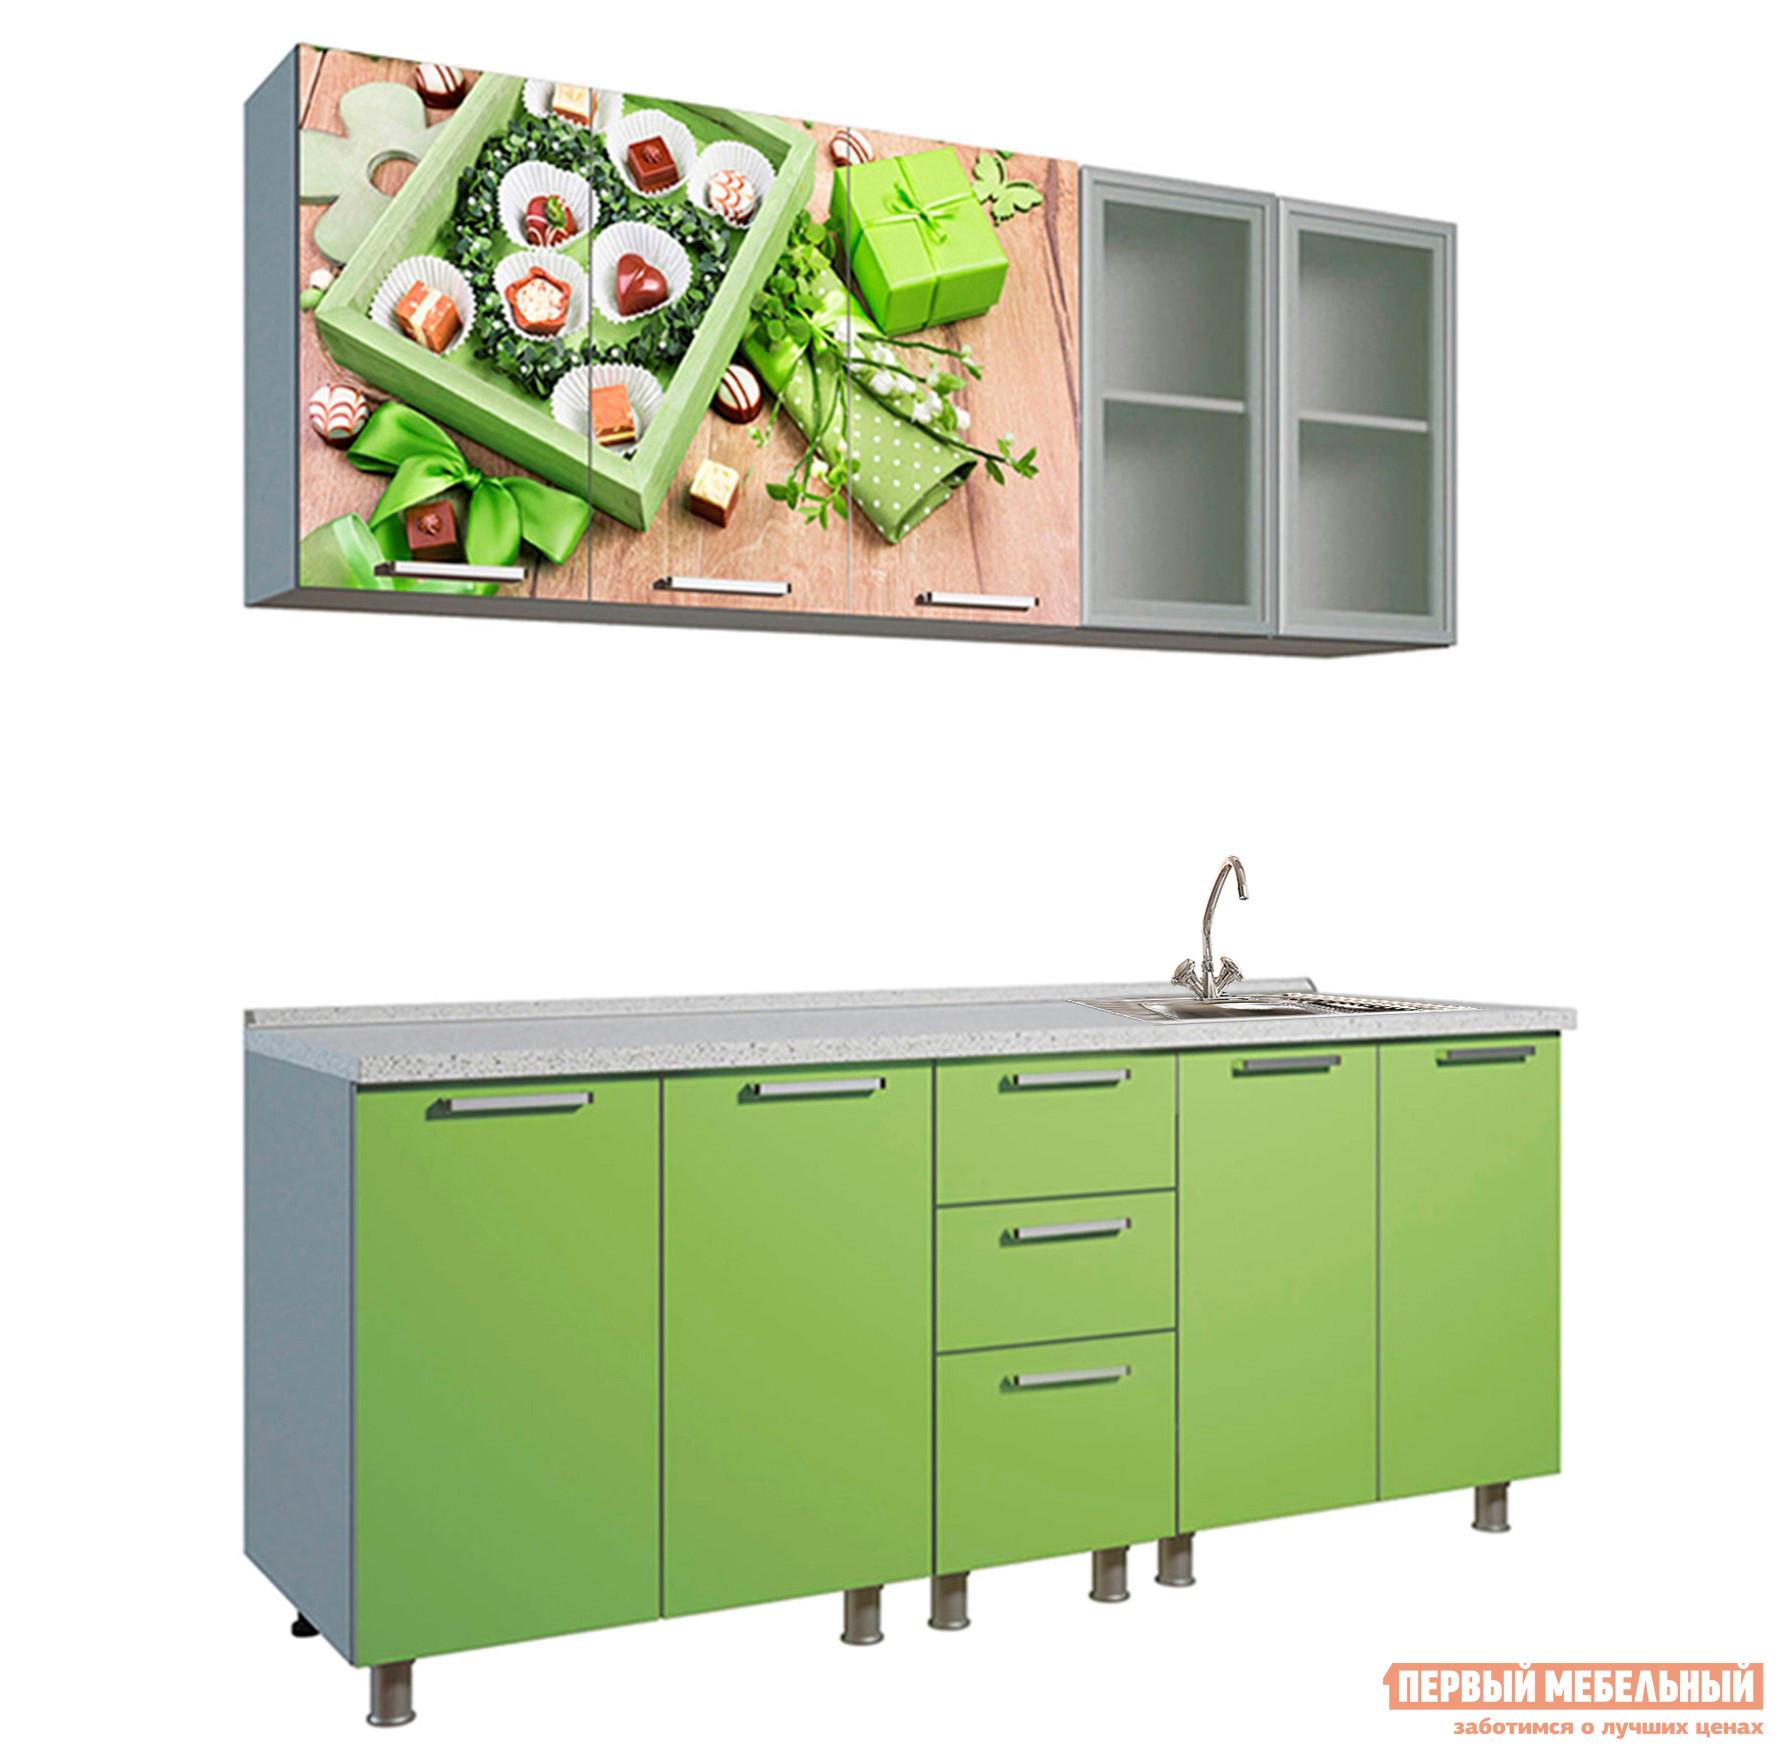 Кухонный гарнитур Первый Мебельный Пралине 200 см кухонный гарнитур витра палермо 300 2